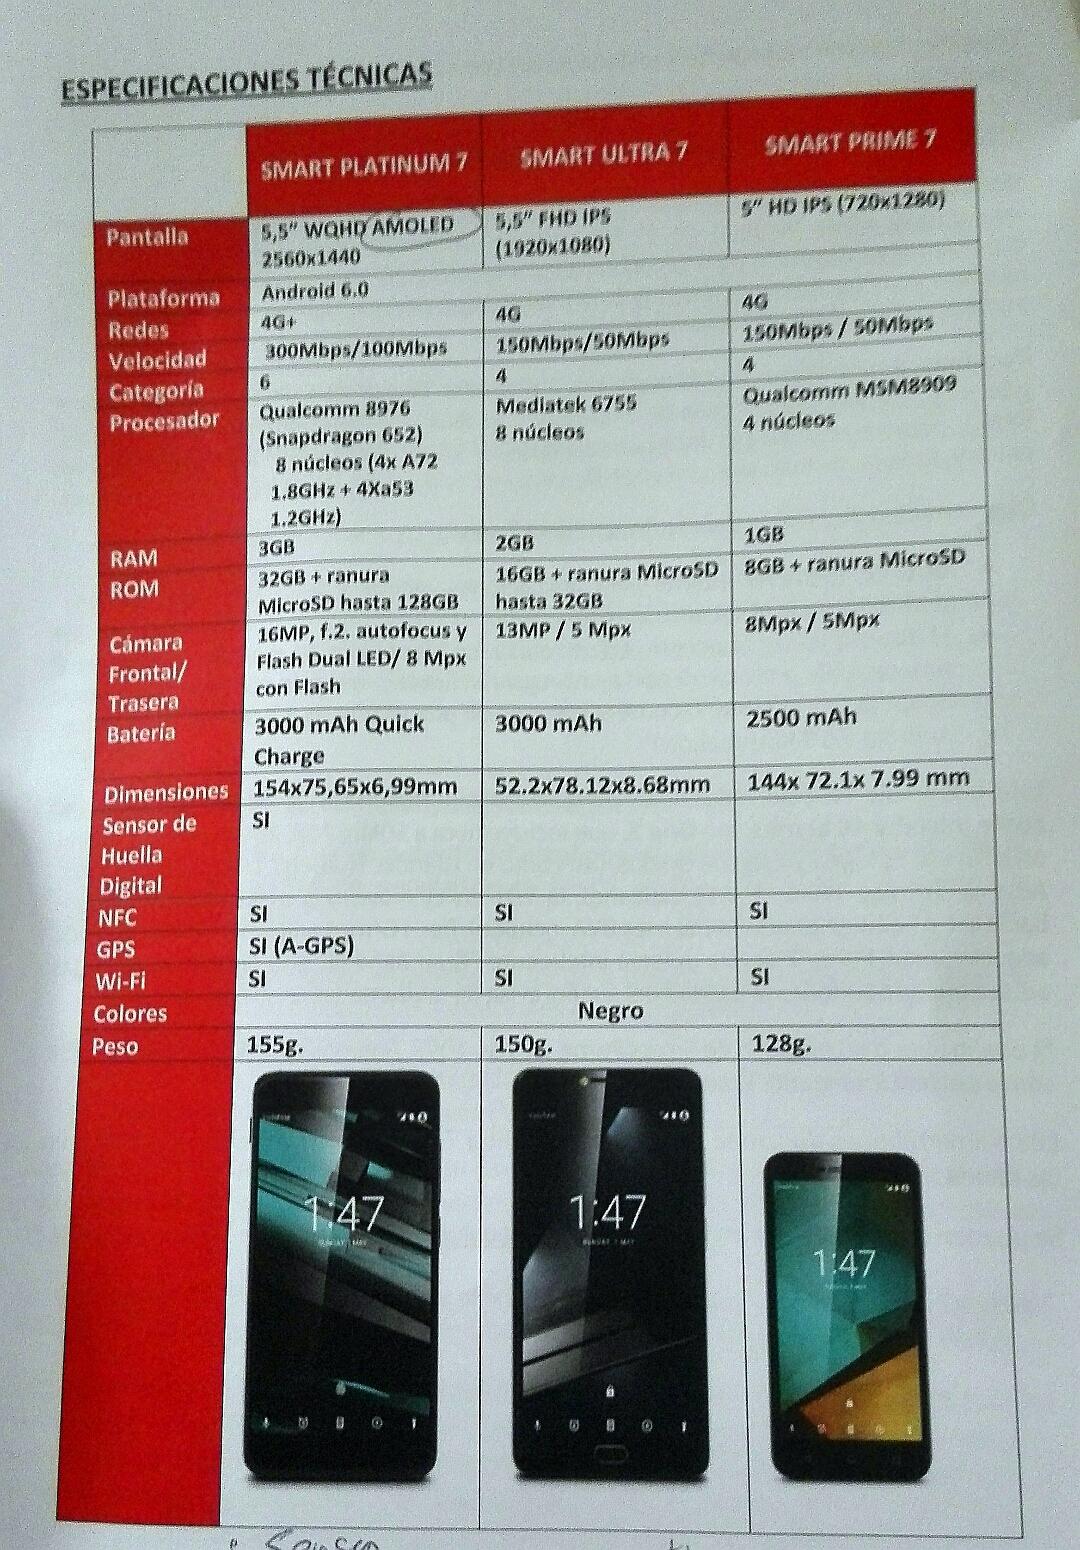 vodafone-smart7-especificaciones